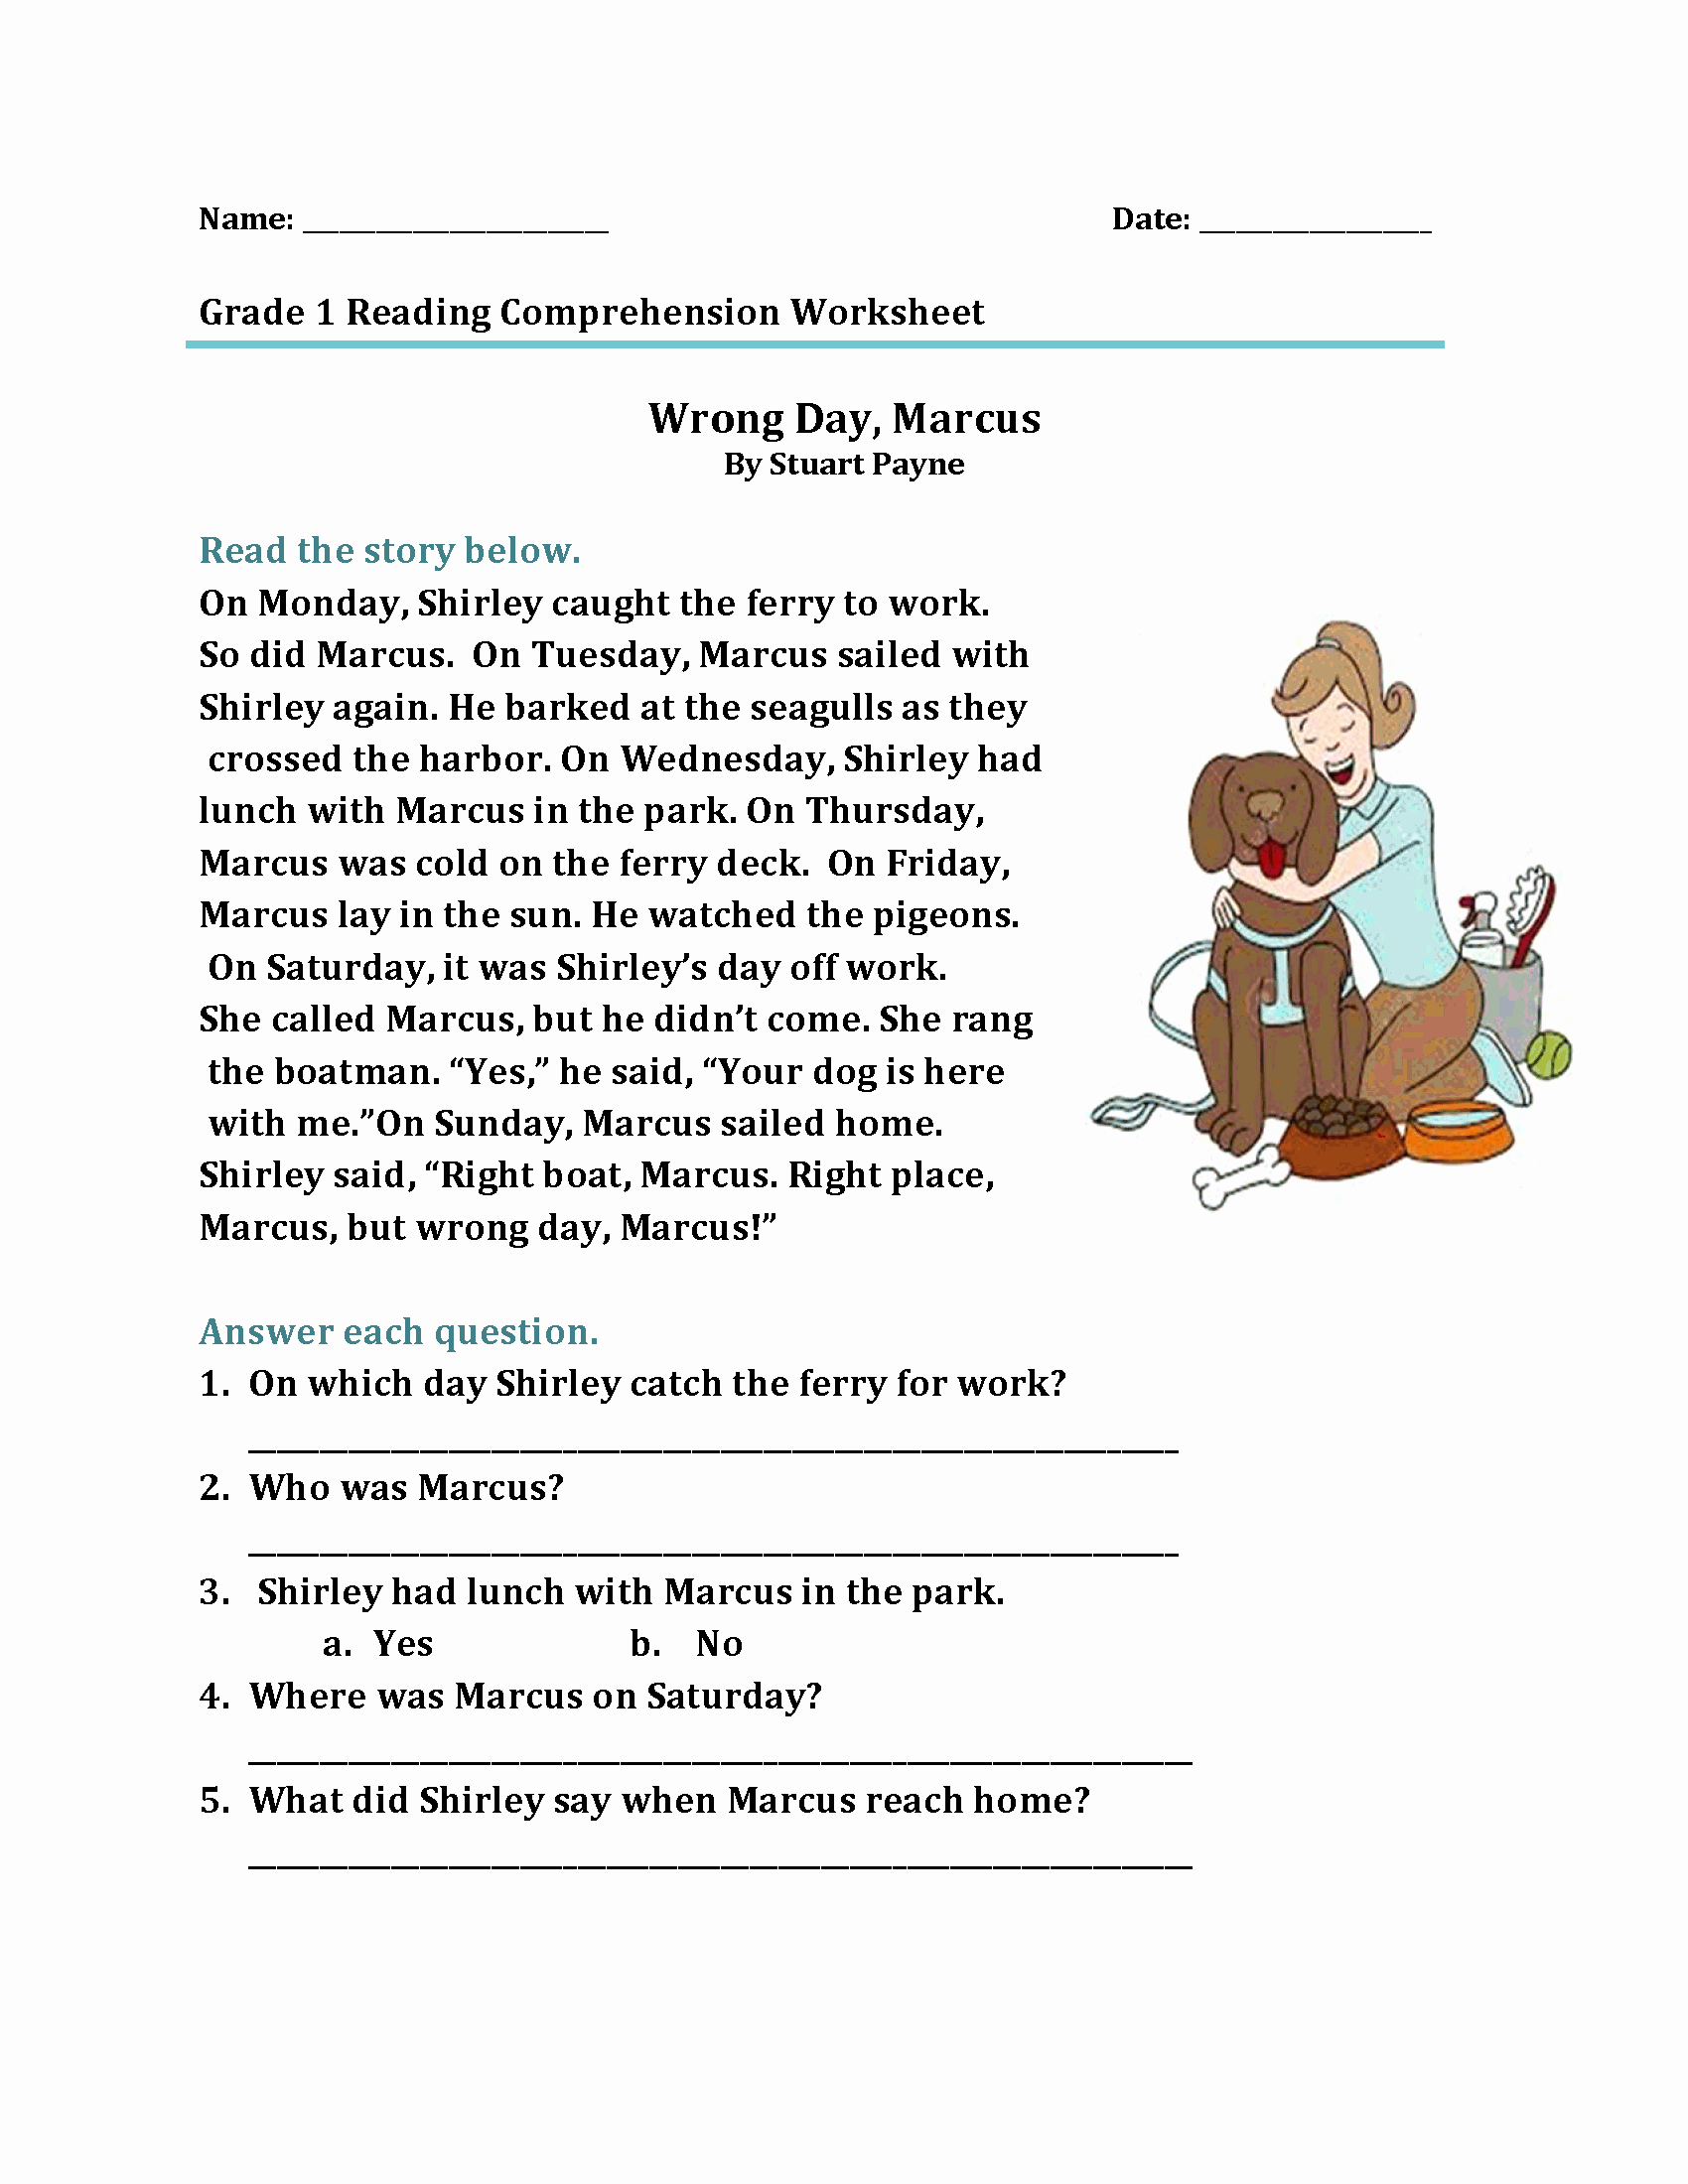 Comprehension Worksheet First Grade Fresh 1st Grade Reading Worksheets Best Coloring Pages for Kids